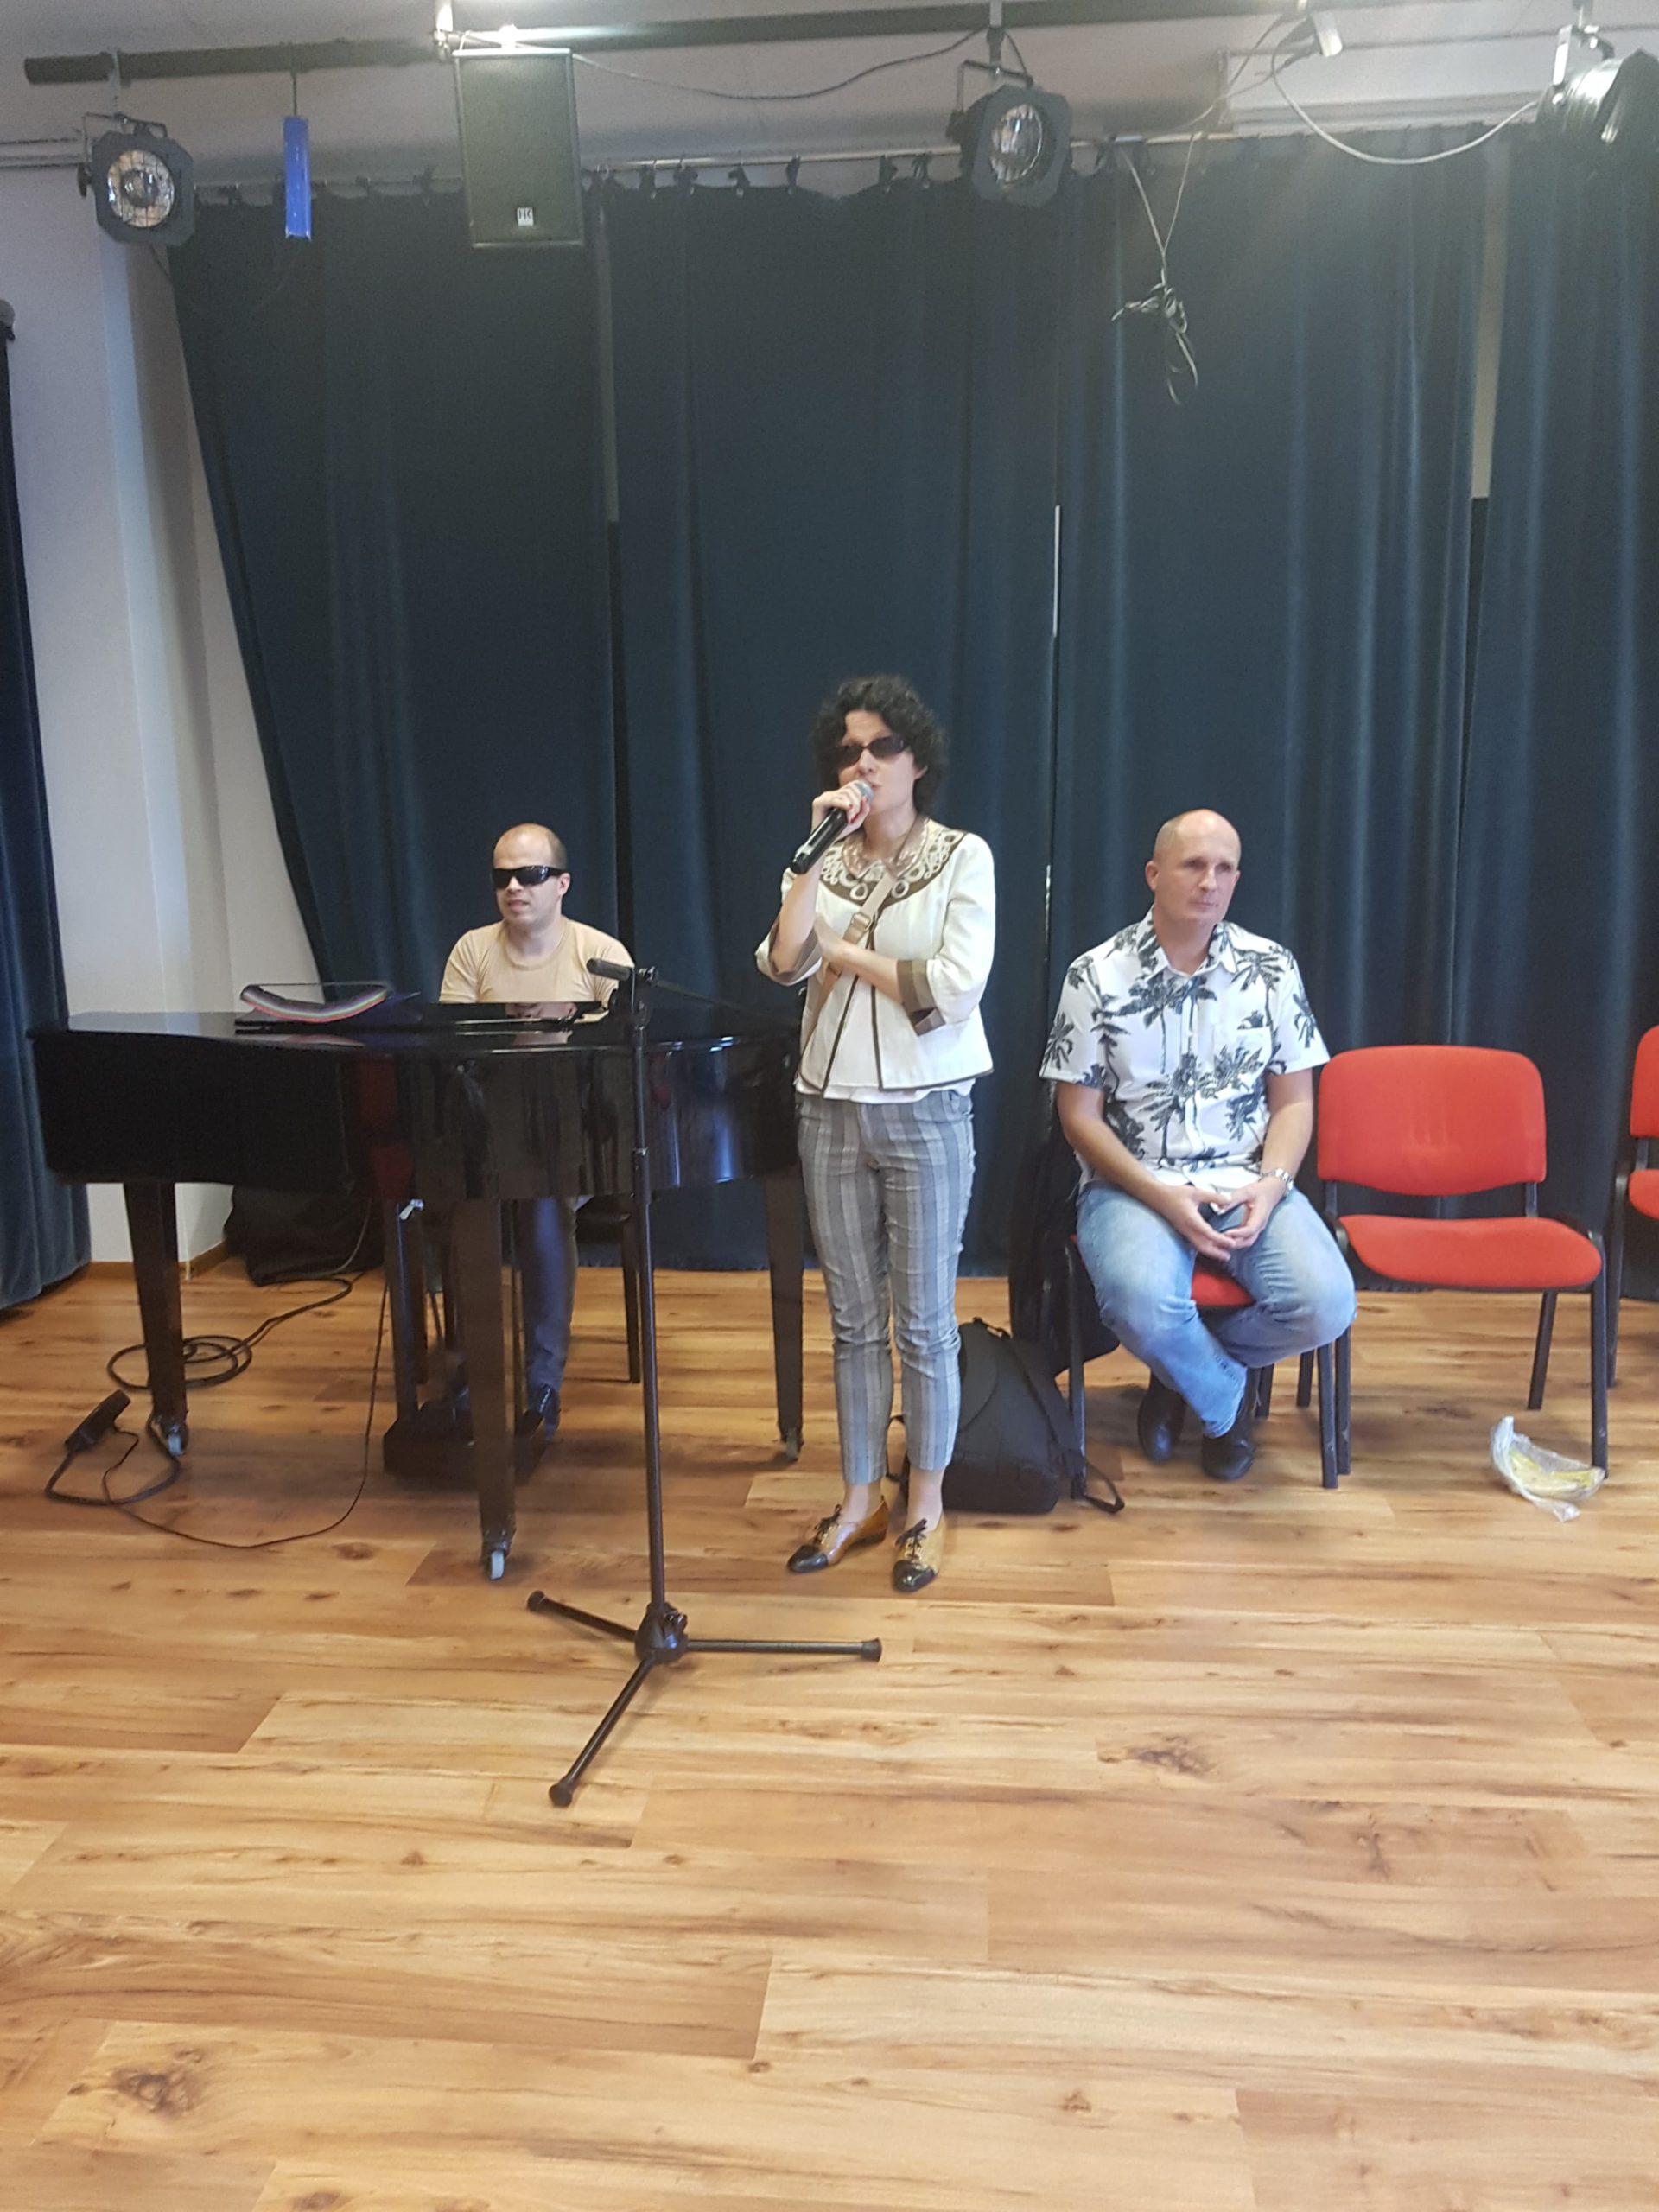 Prowadzący zajęcia: Grzegorz Dowgiałło, Łukasz Baruch, a przy mikrofonie Katarzyna Nowak